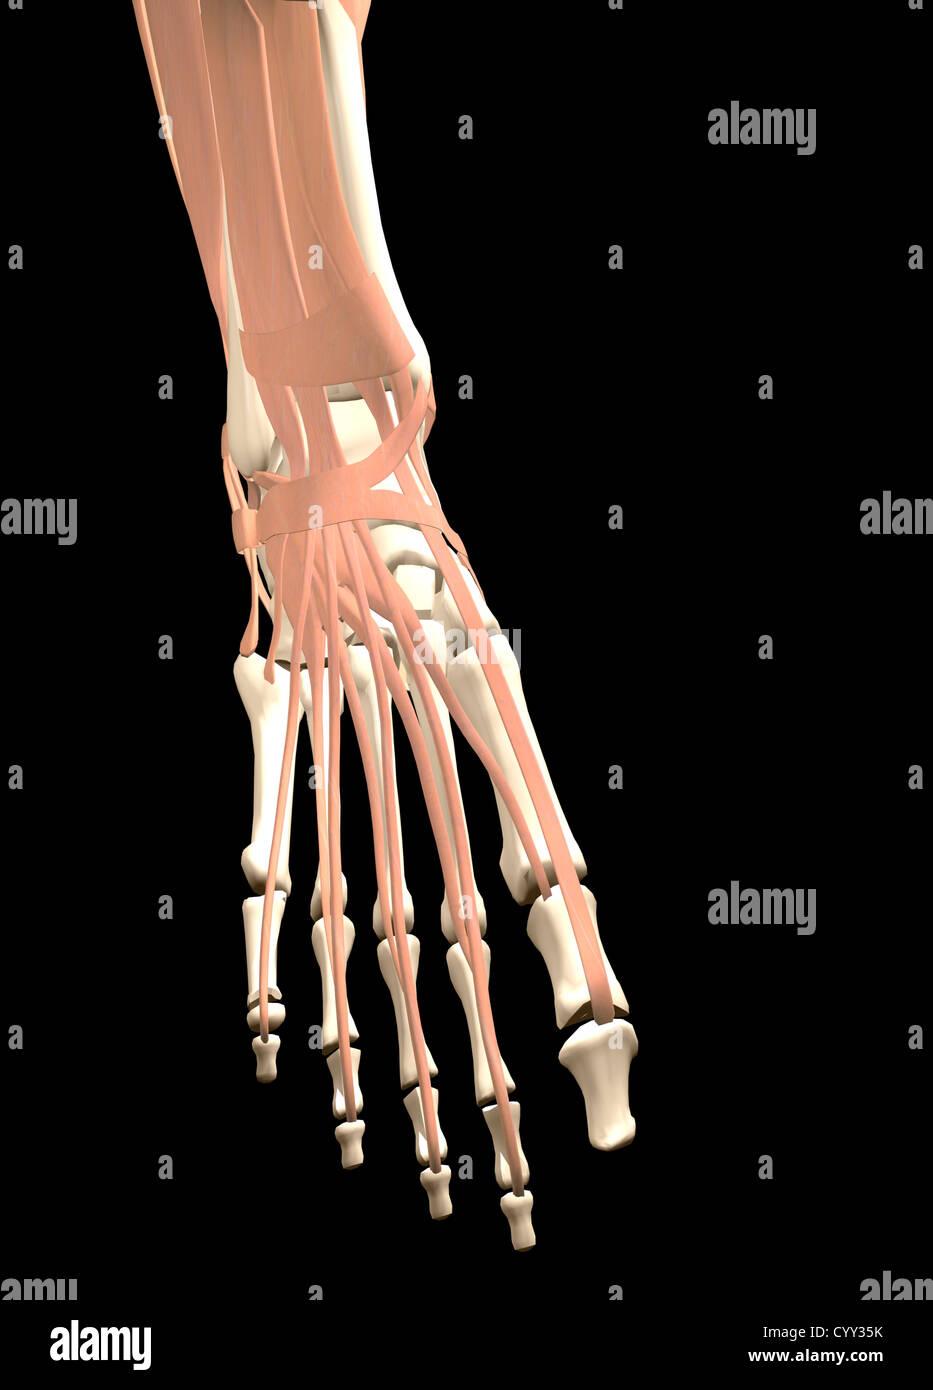 Anatomie des menschlichen Fußes Stockfoto, Bild: 51611663 - Alamy